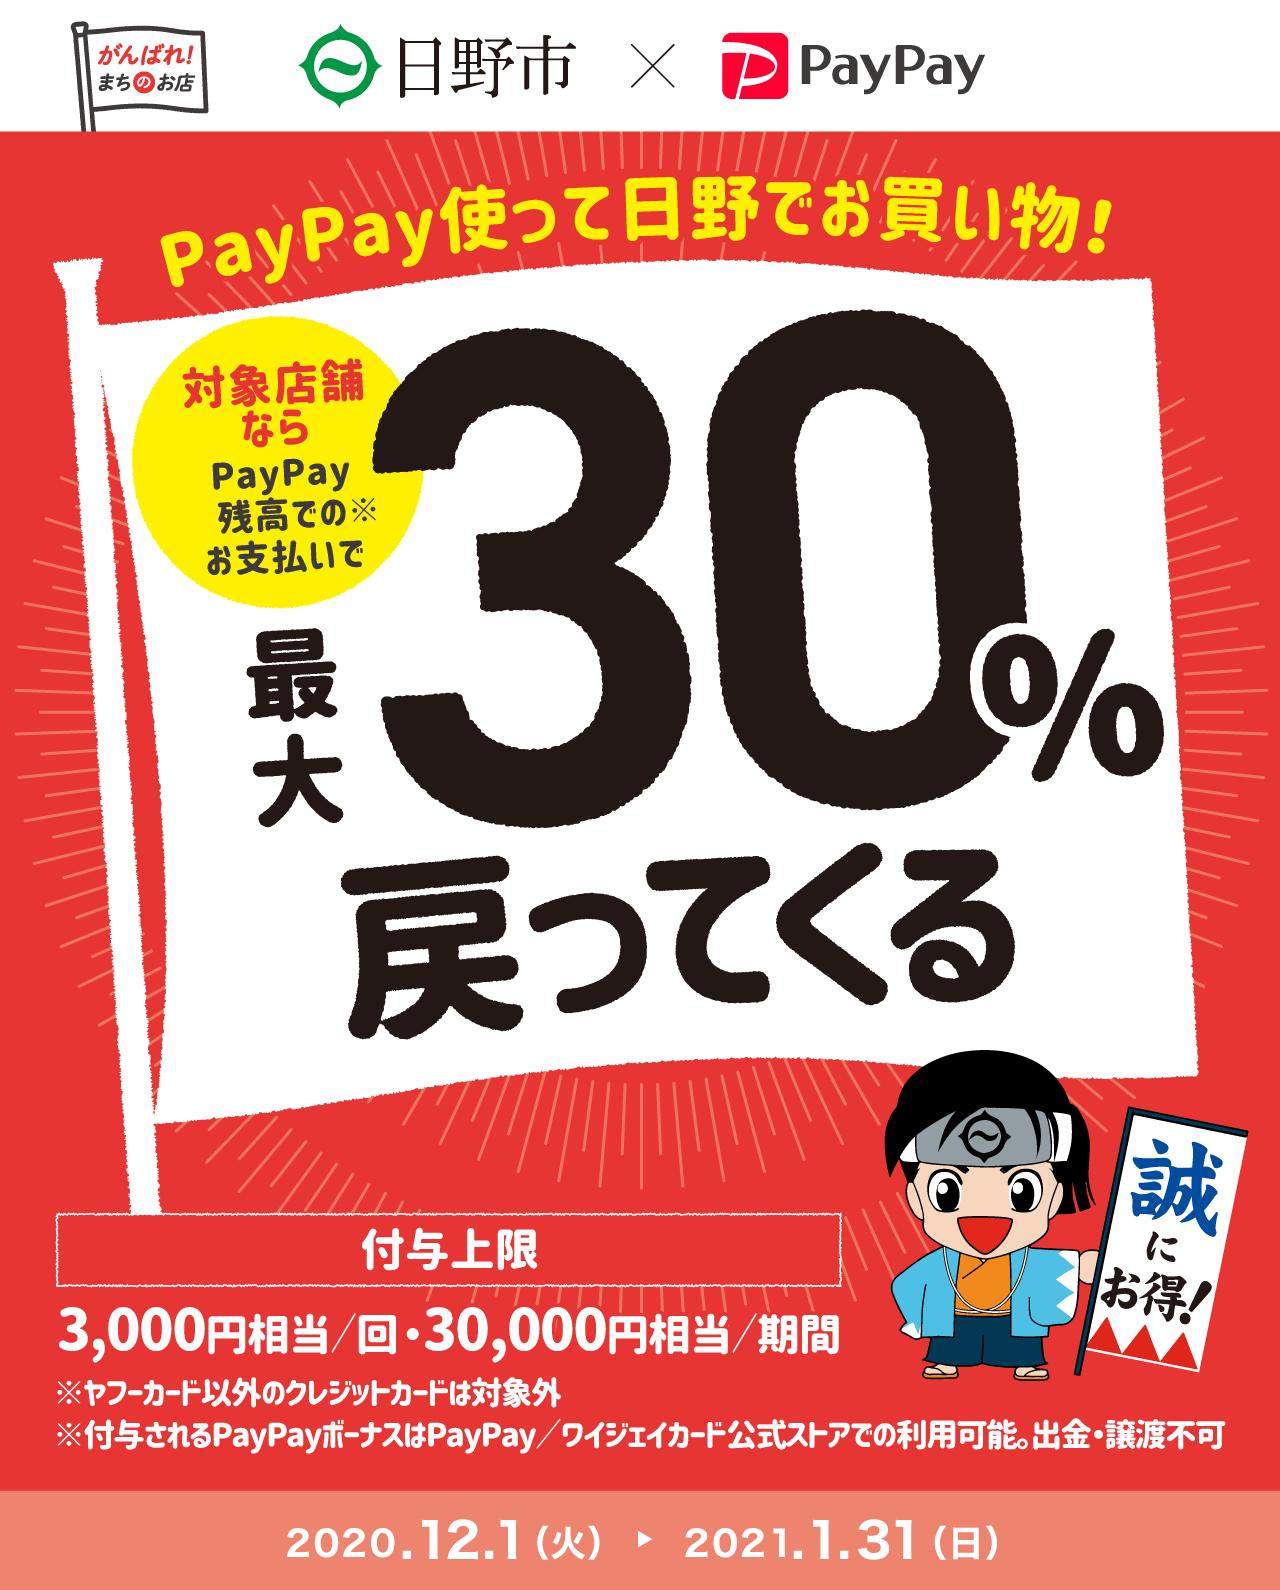 PayPay使って日野でお買い物! 対象店舗ならPayPay残高でのお支払いで 最大30%戻ってくる